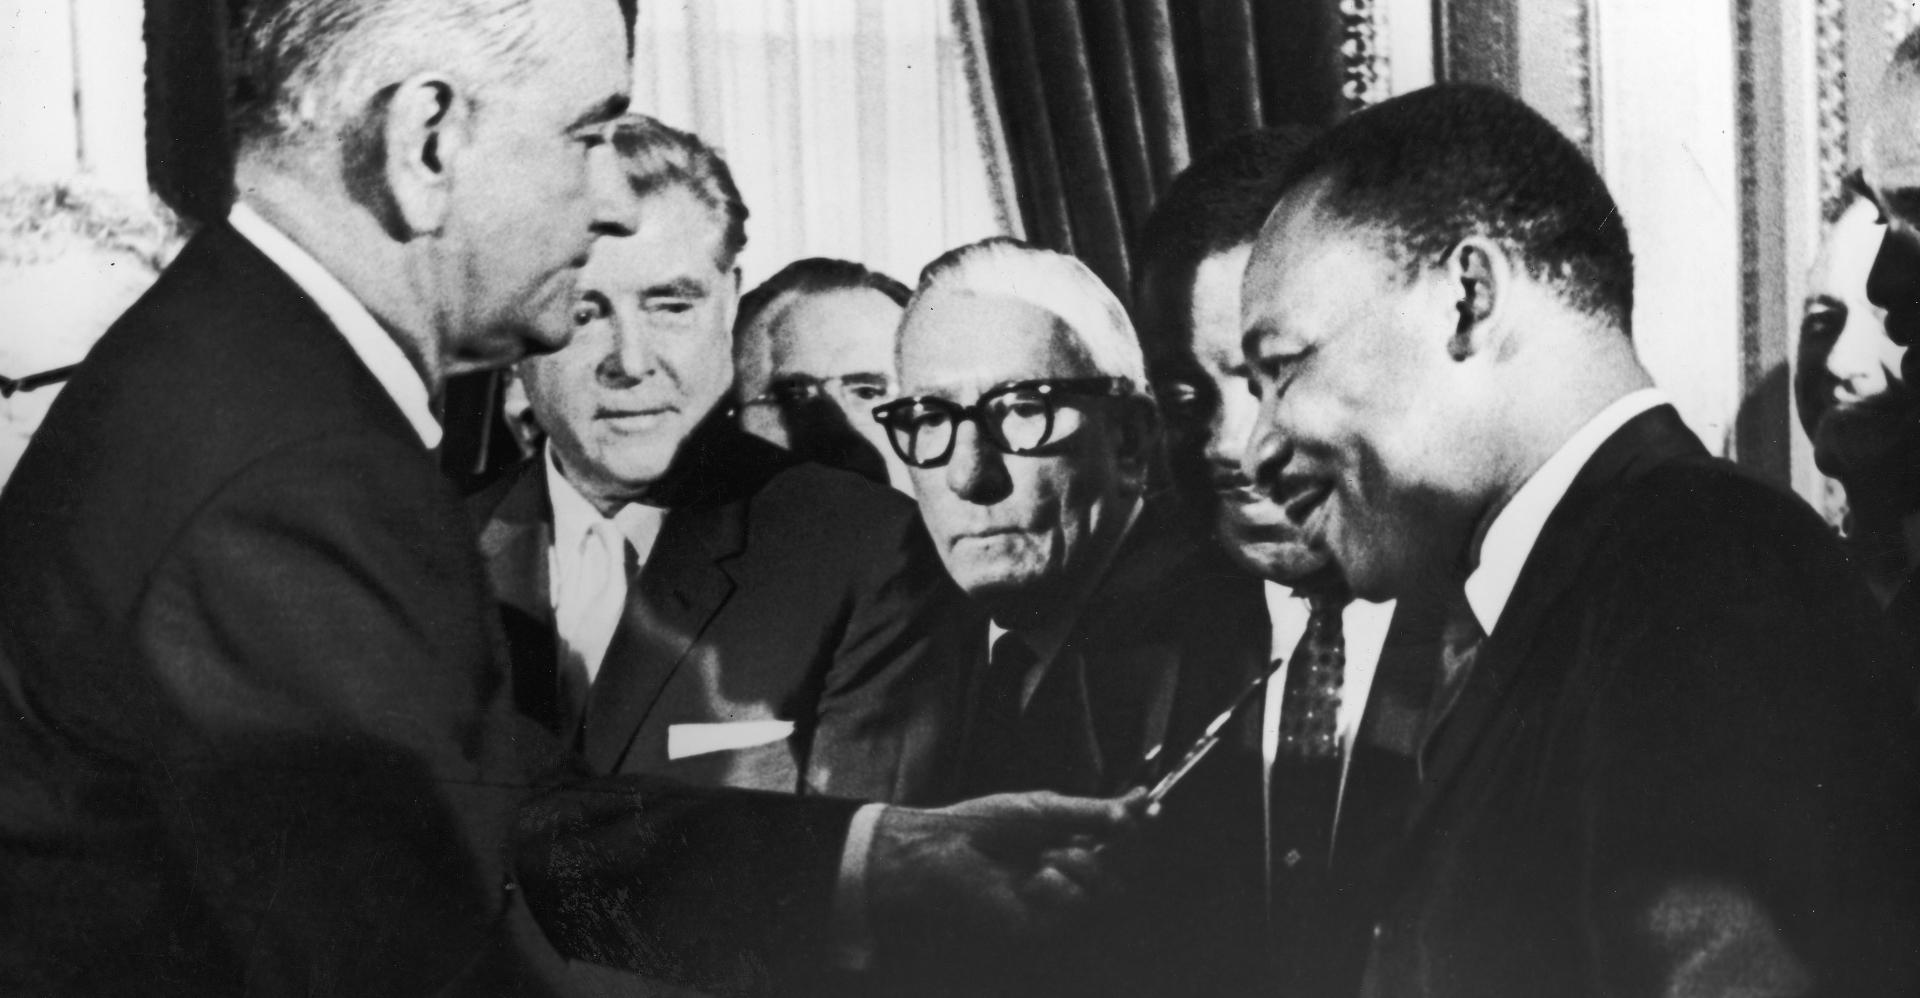 Martin Luther King dao je glas, srce i život za građanska prava